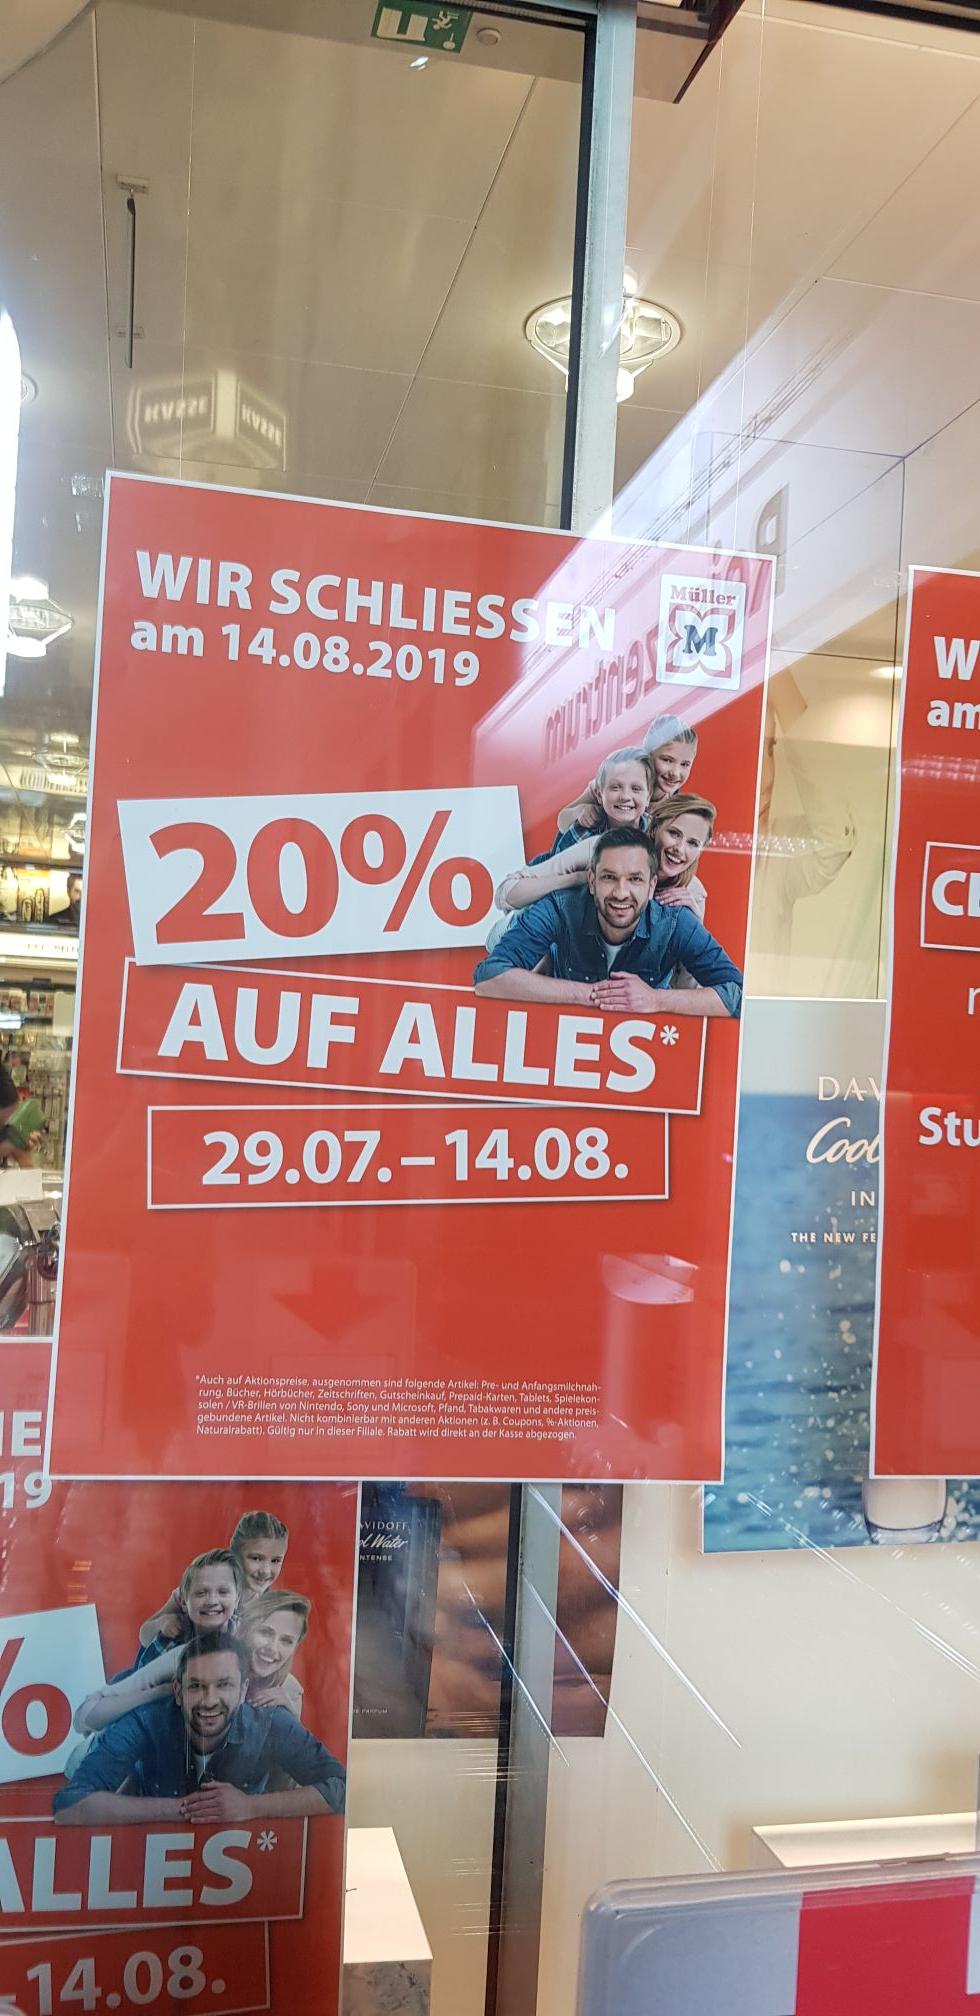 [LOKAL STUTTGART] 20% auf alles in Müller am Hauptbahnhof (Schließung am 14.08.19)